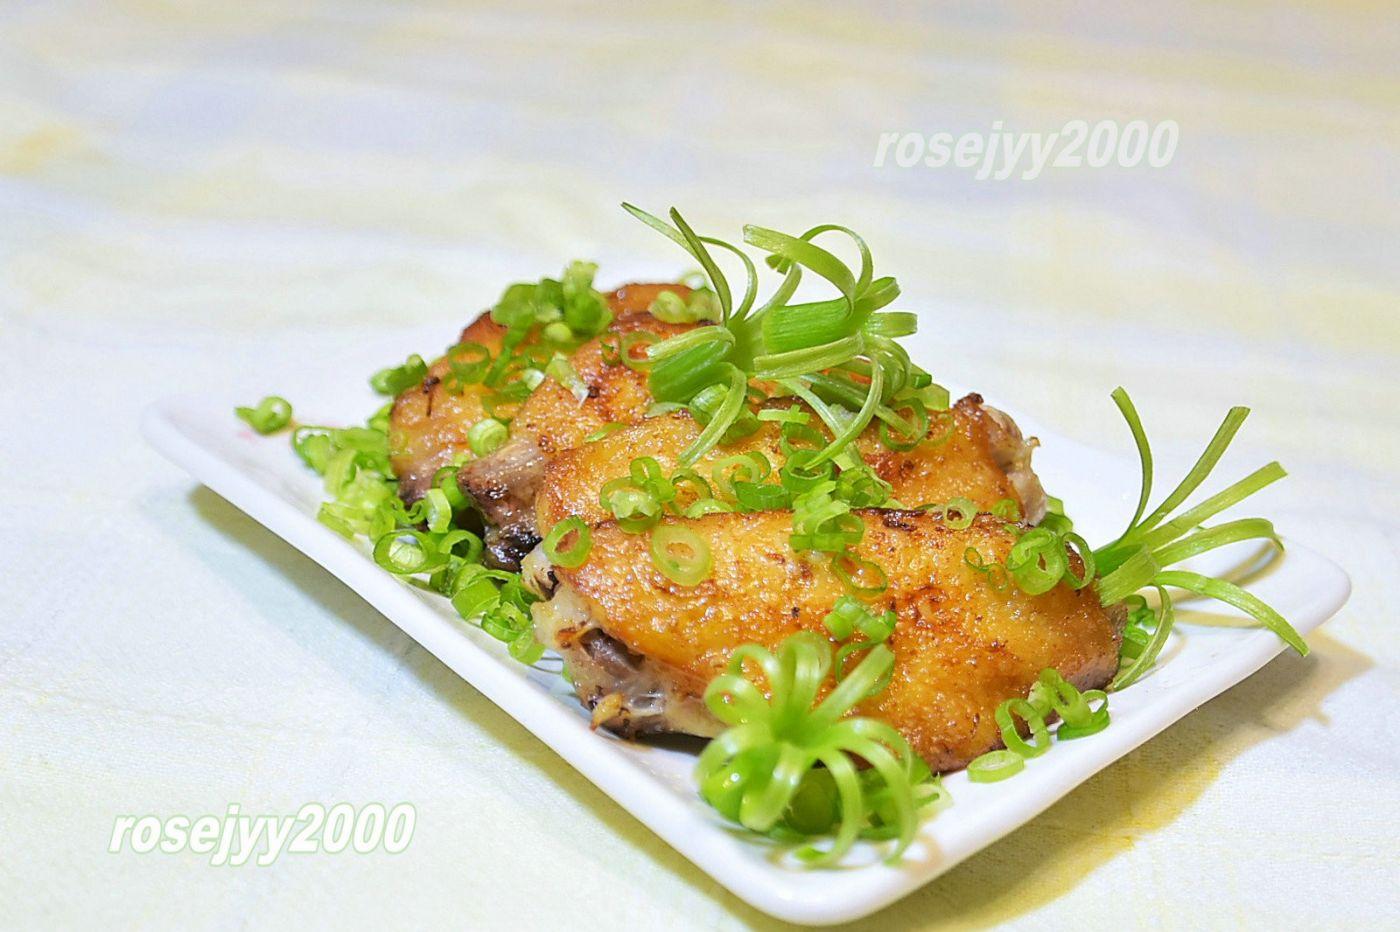 葱味鸡翅膀_图1-1